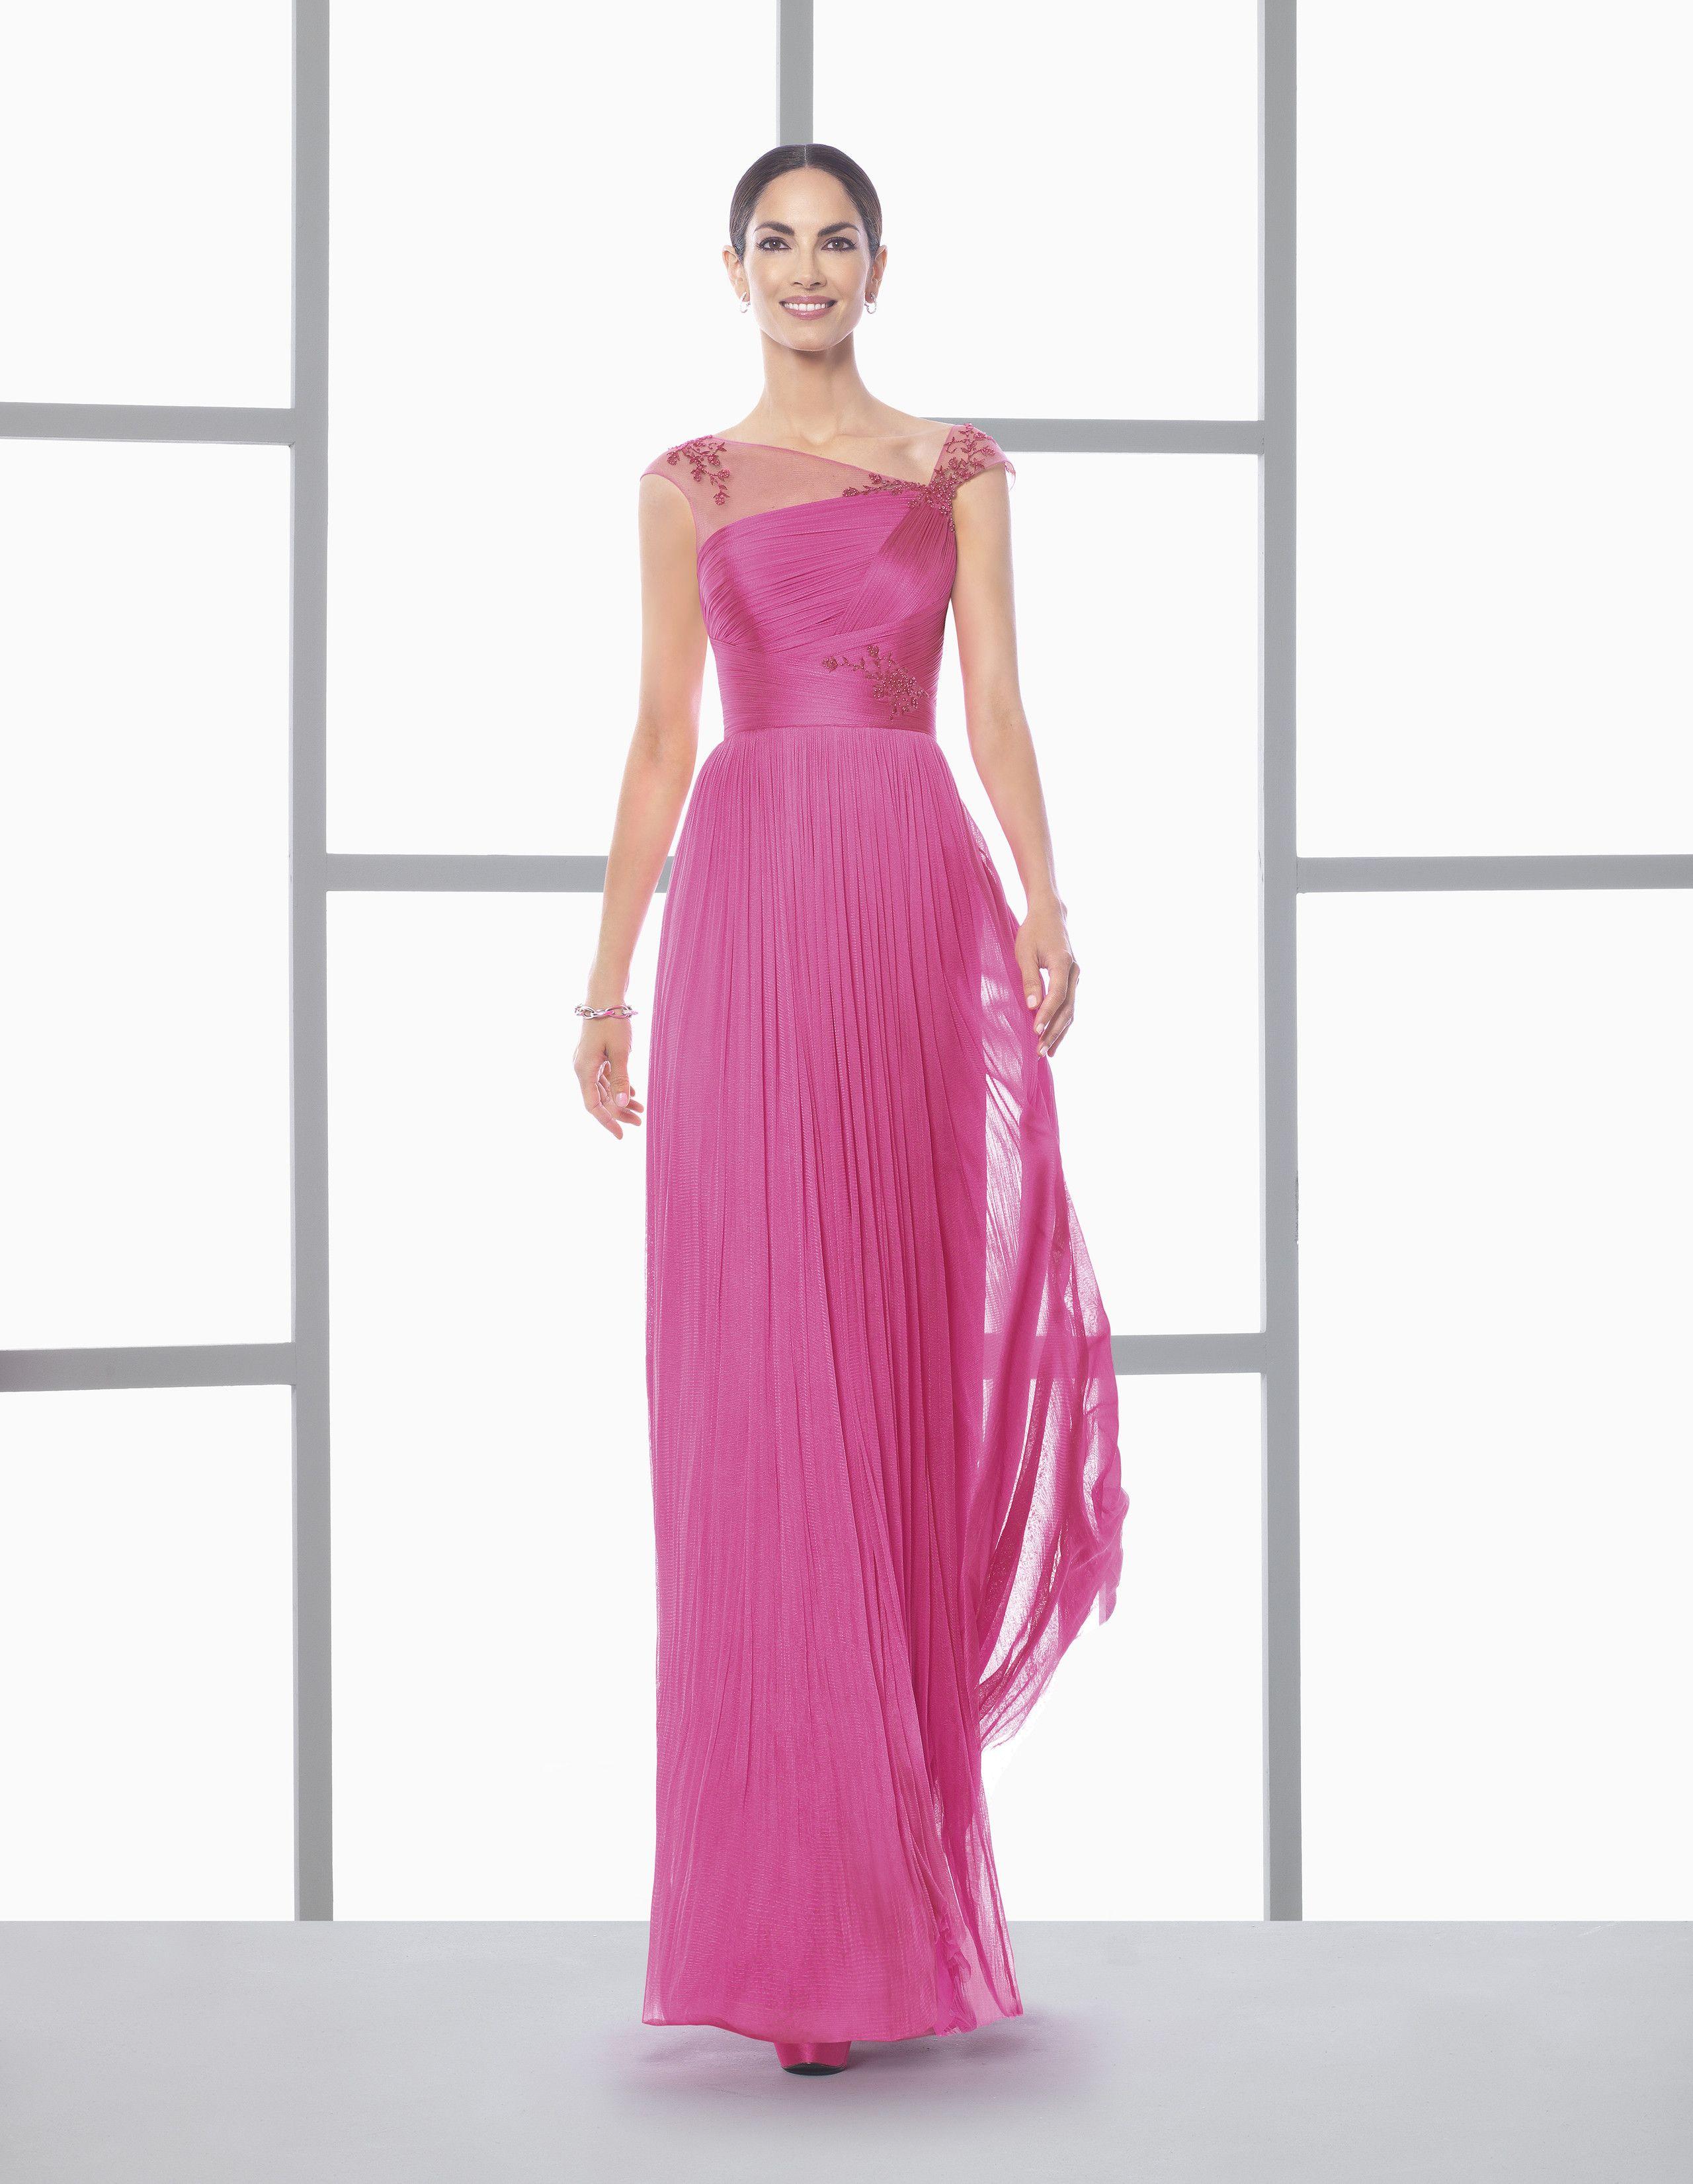 Asombroso Boda Del Tamaño Trajes 22 Galería - Ideas de Vestidos de ...